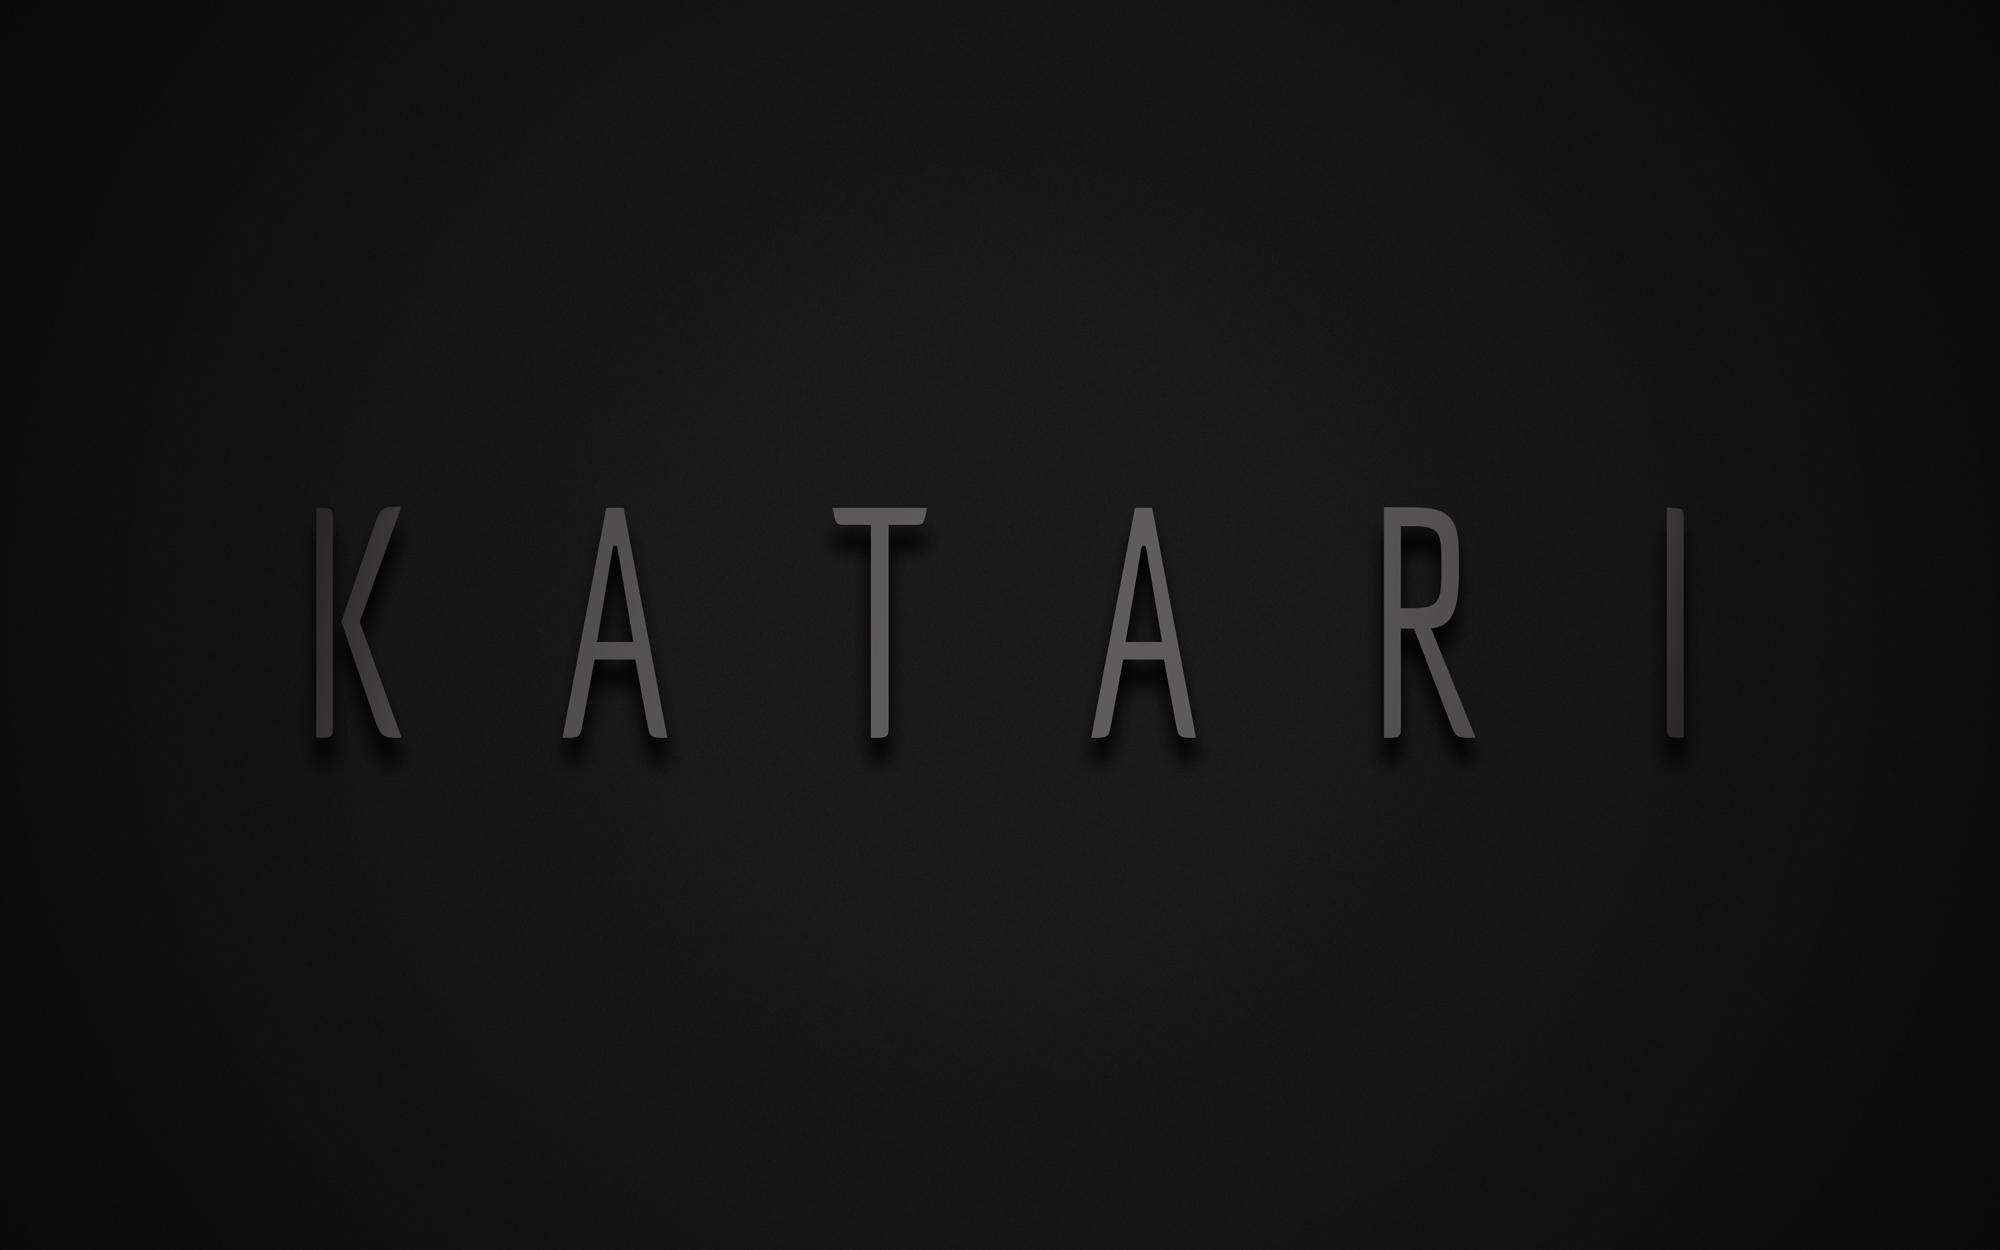 Katari_07.jpg